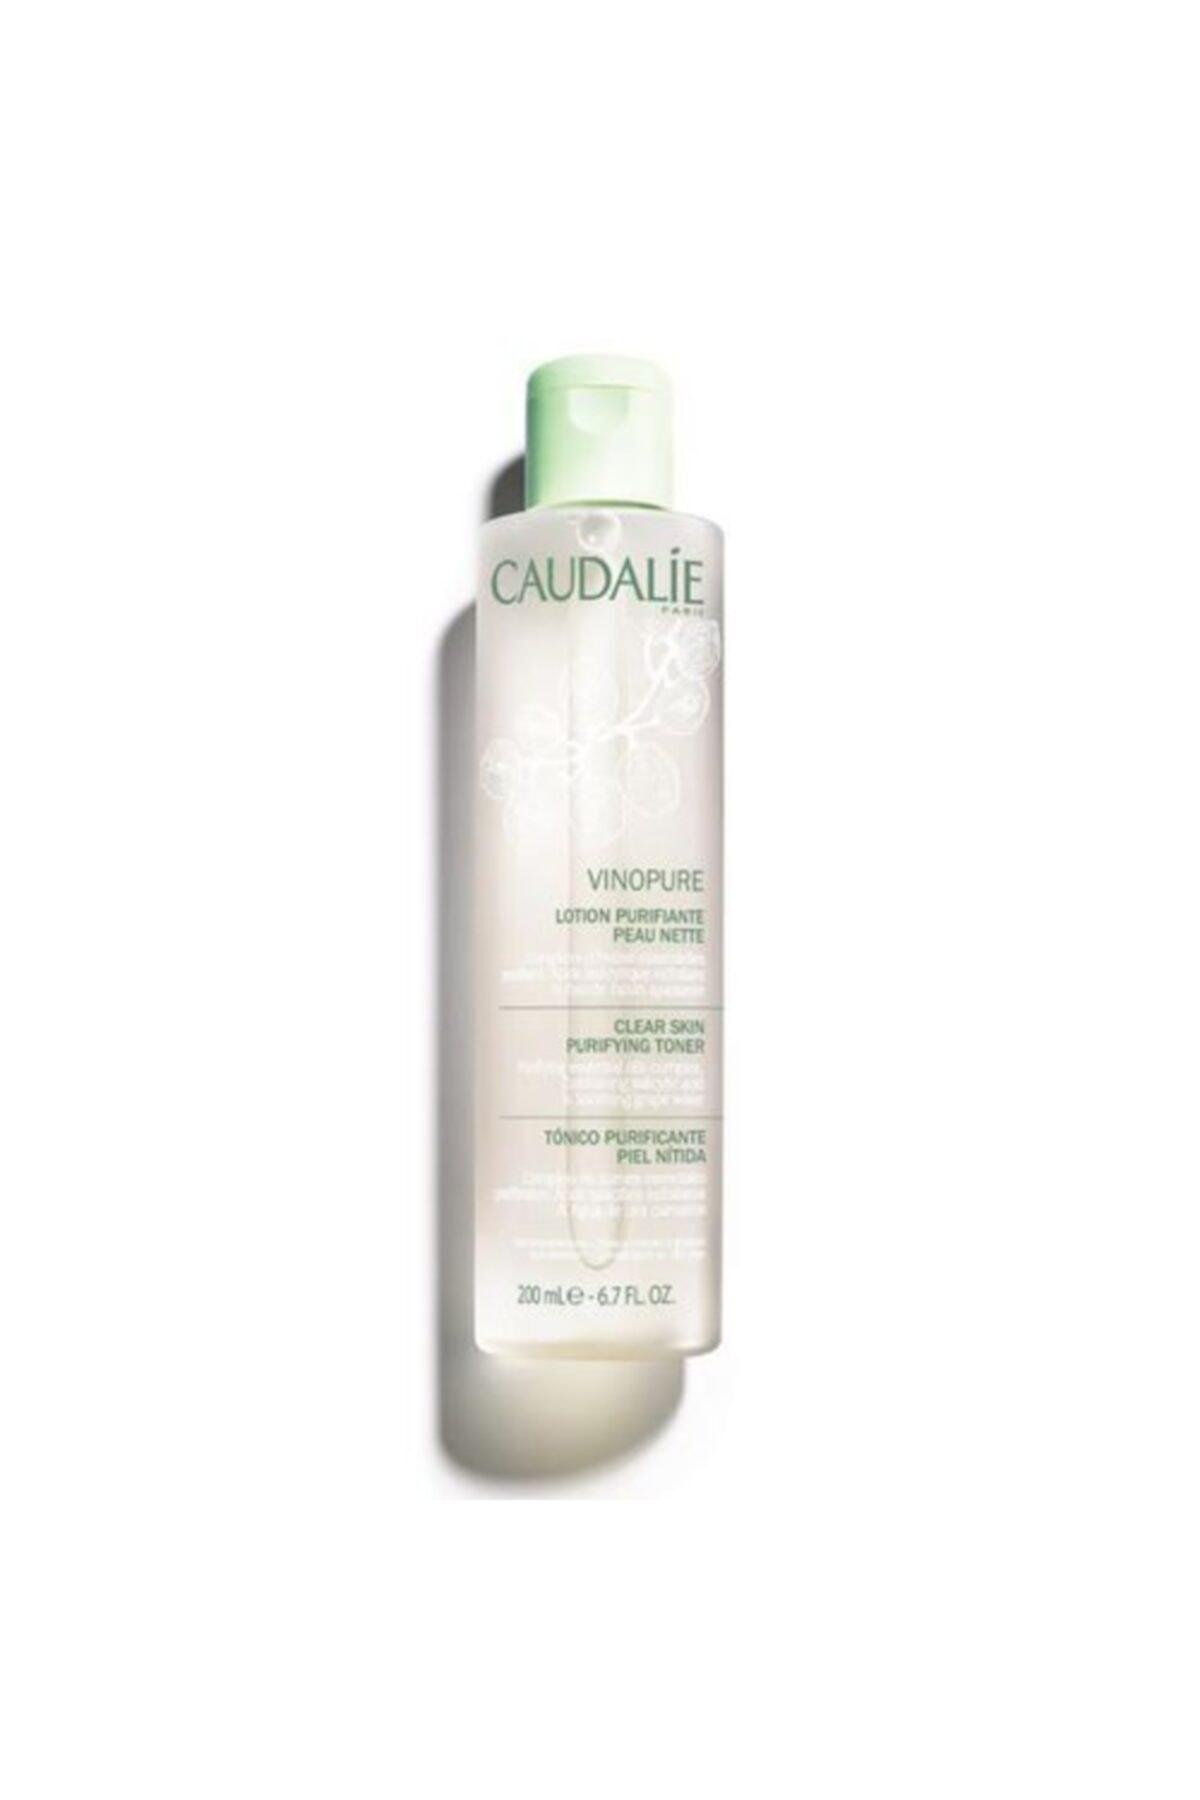 Caudalie Kızarıklık Karşıtı Arındırıcı Tonik - Vinopure Clear Skin Purifying Toner 200 ml 3522930002505 1